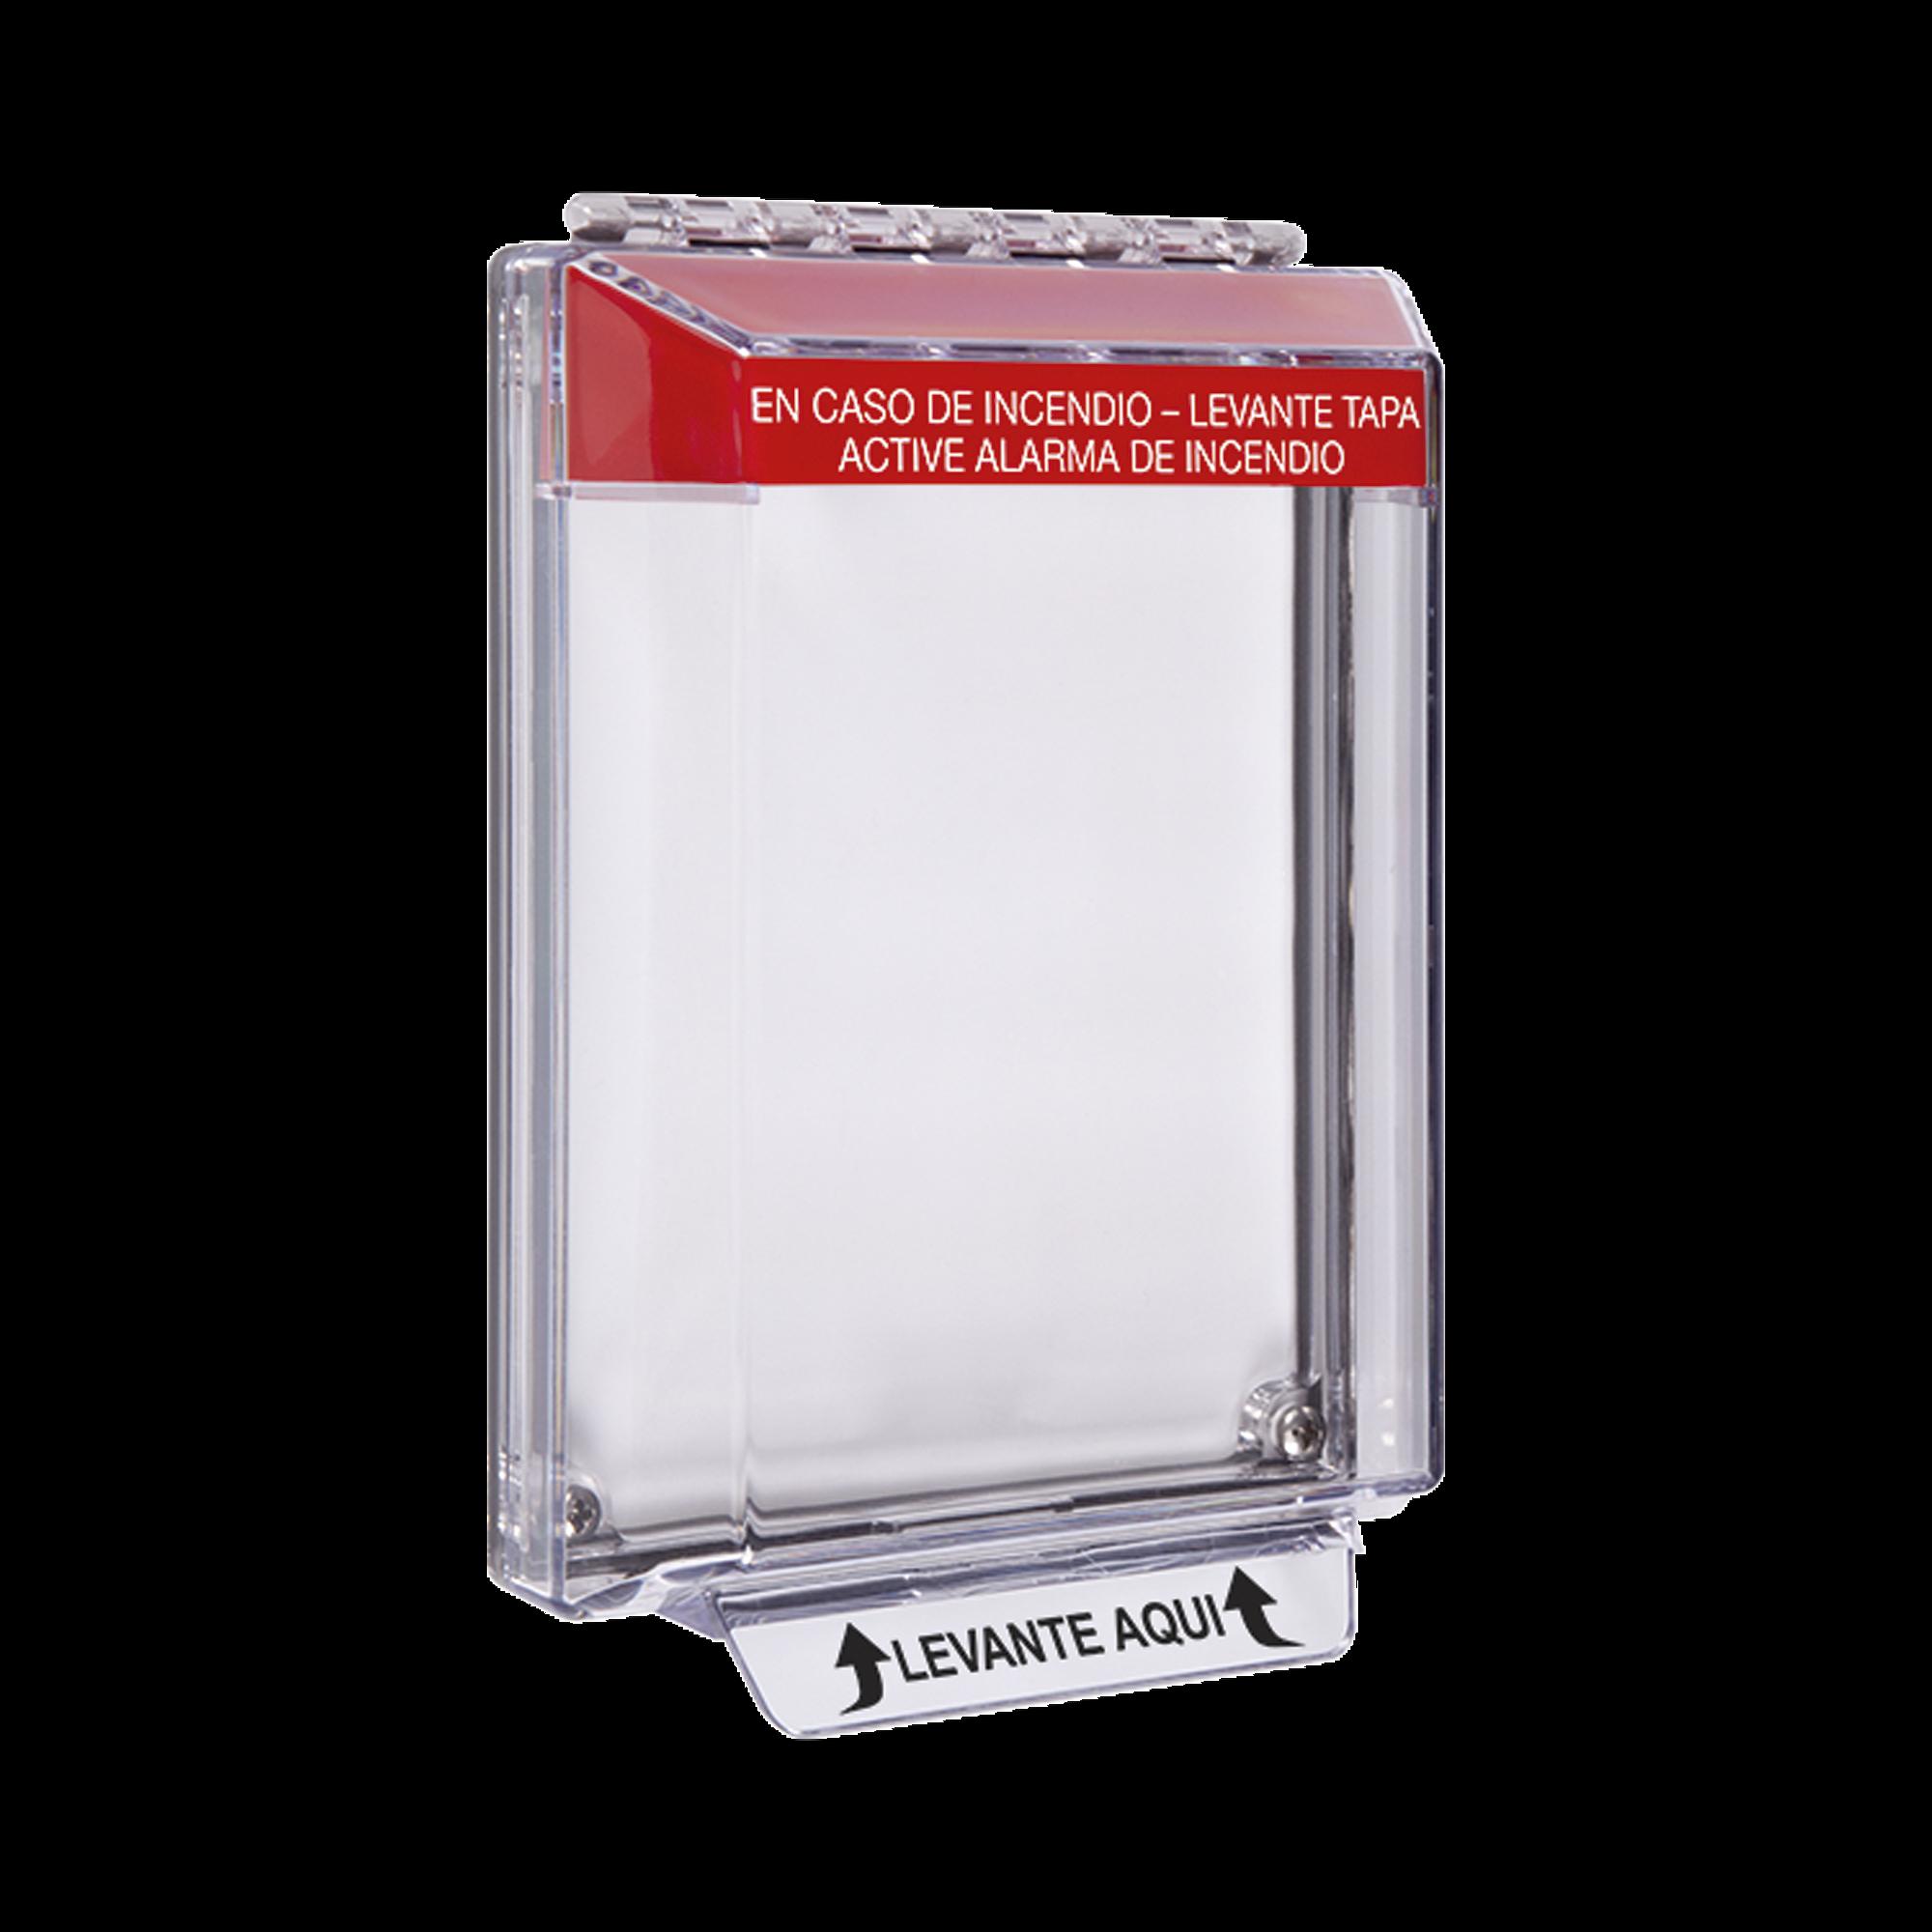 Cubierta Universal Transparente, de Bajo Perfil, Texto de Incendio en Español, Notificación Audible y Visible